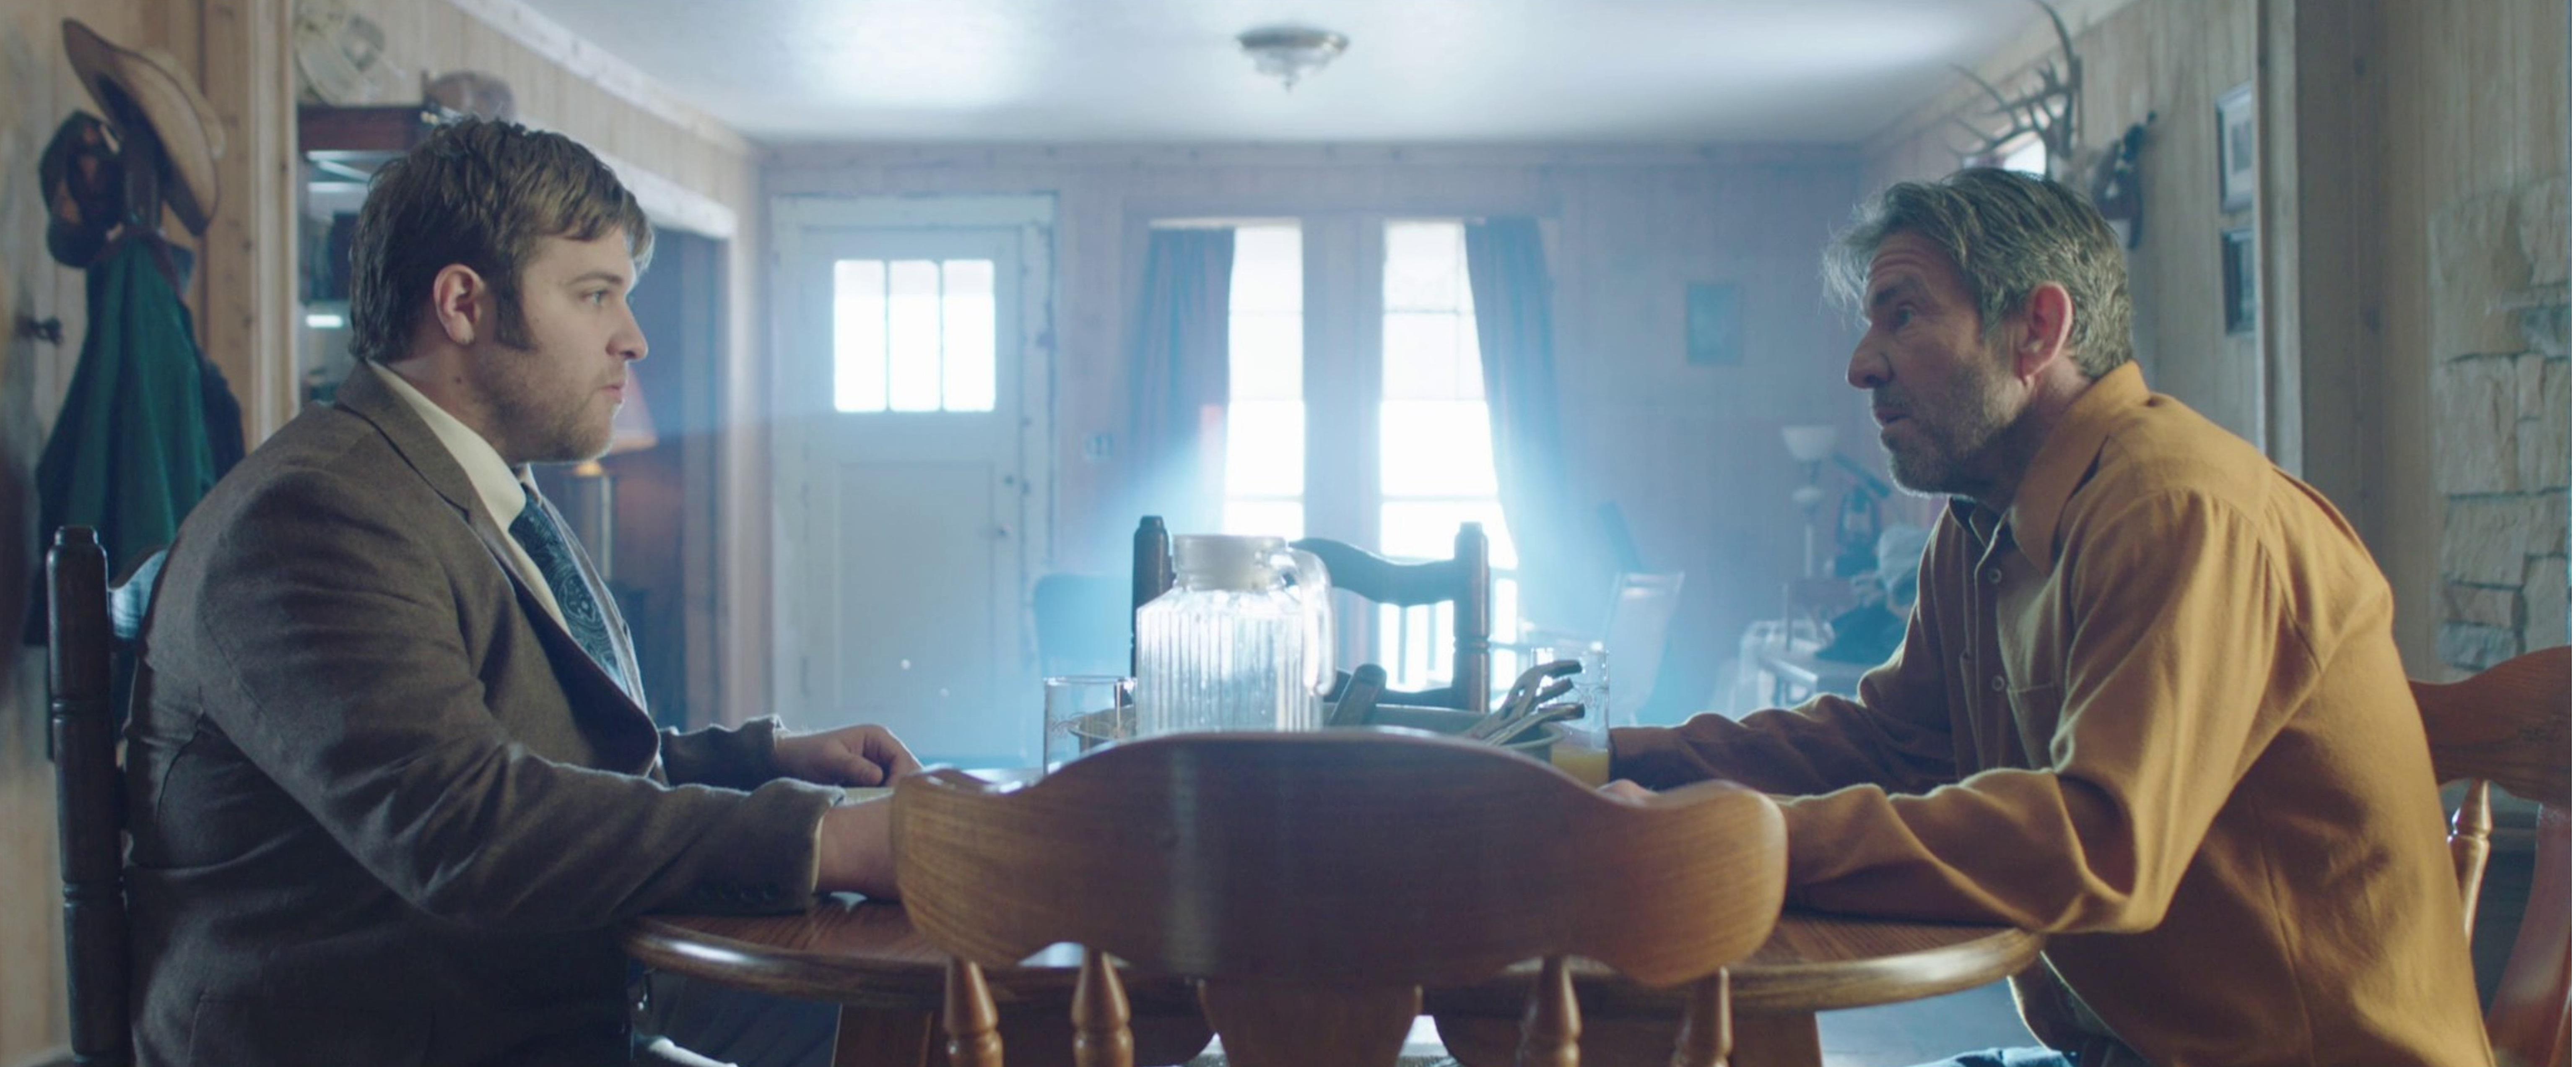 《夢想心樂章》全美票房直衝23億台幣 全台聯合試片掌聲不斷  觀眾直呼「超療癒!」